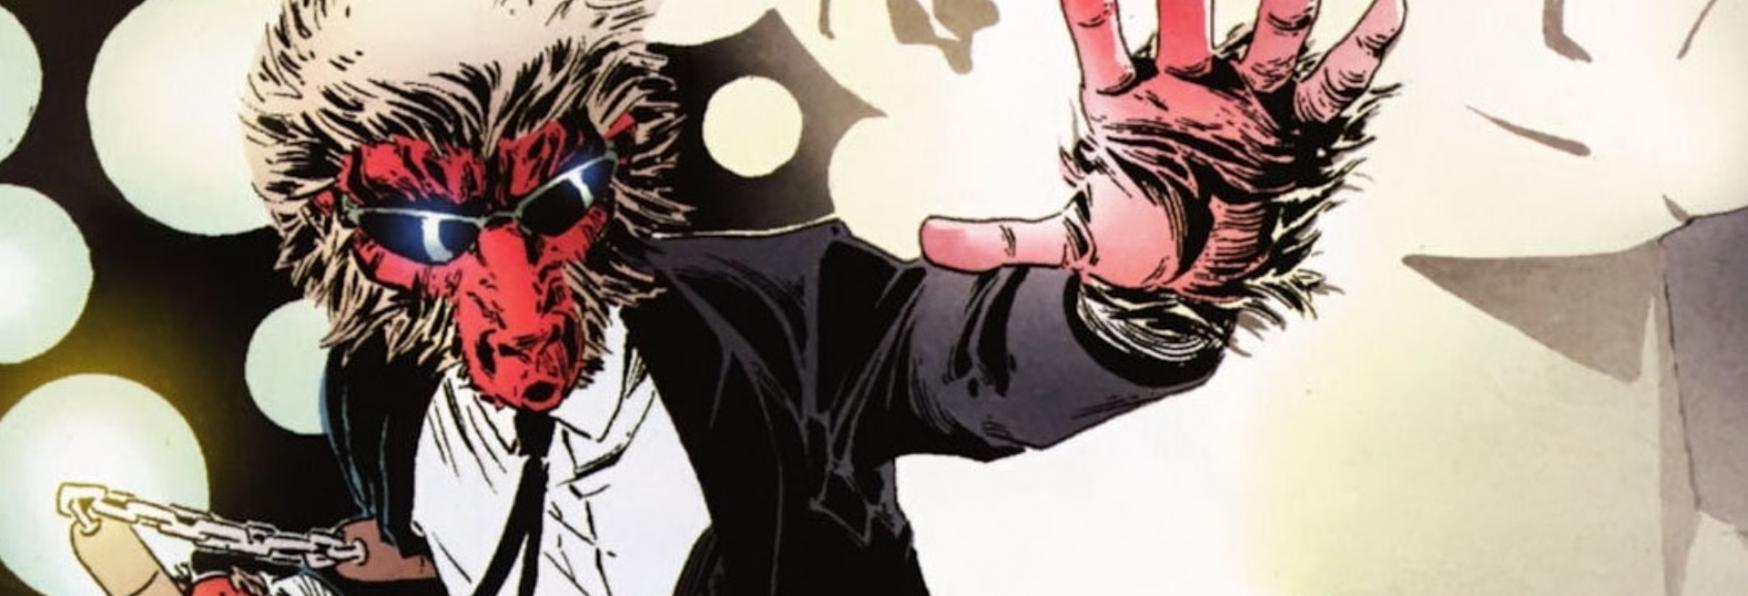 Hit-Monkey: la prima Immagine della nuova Serie Animata Marvel